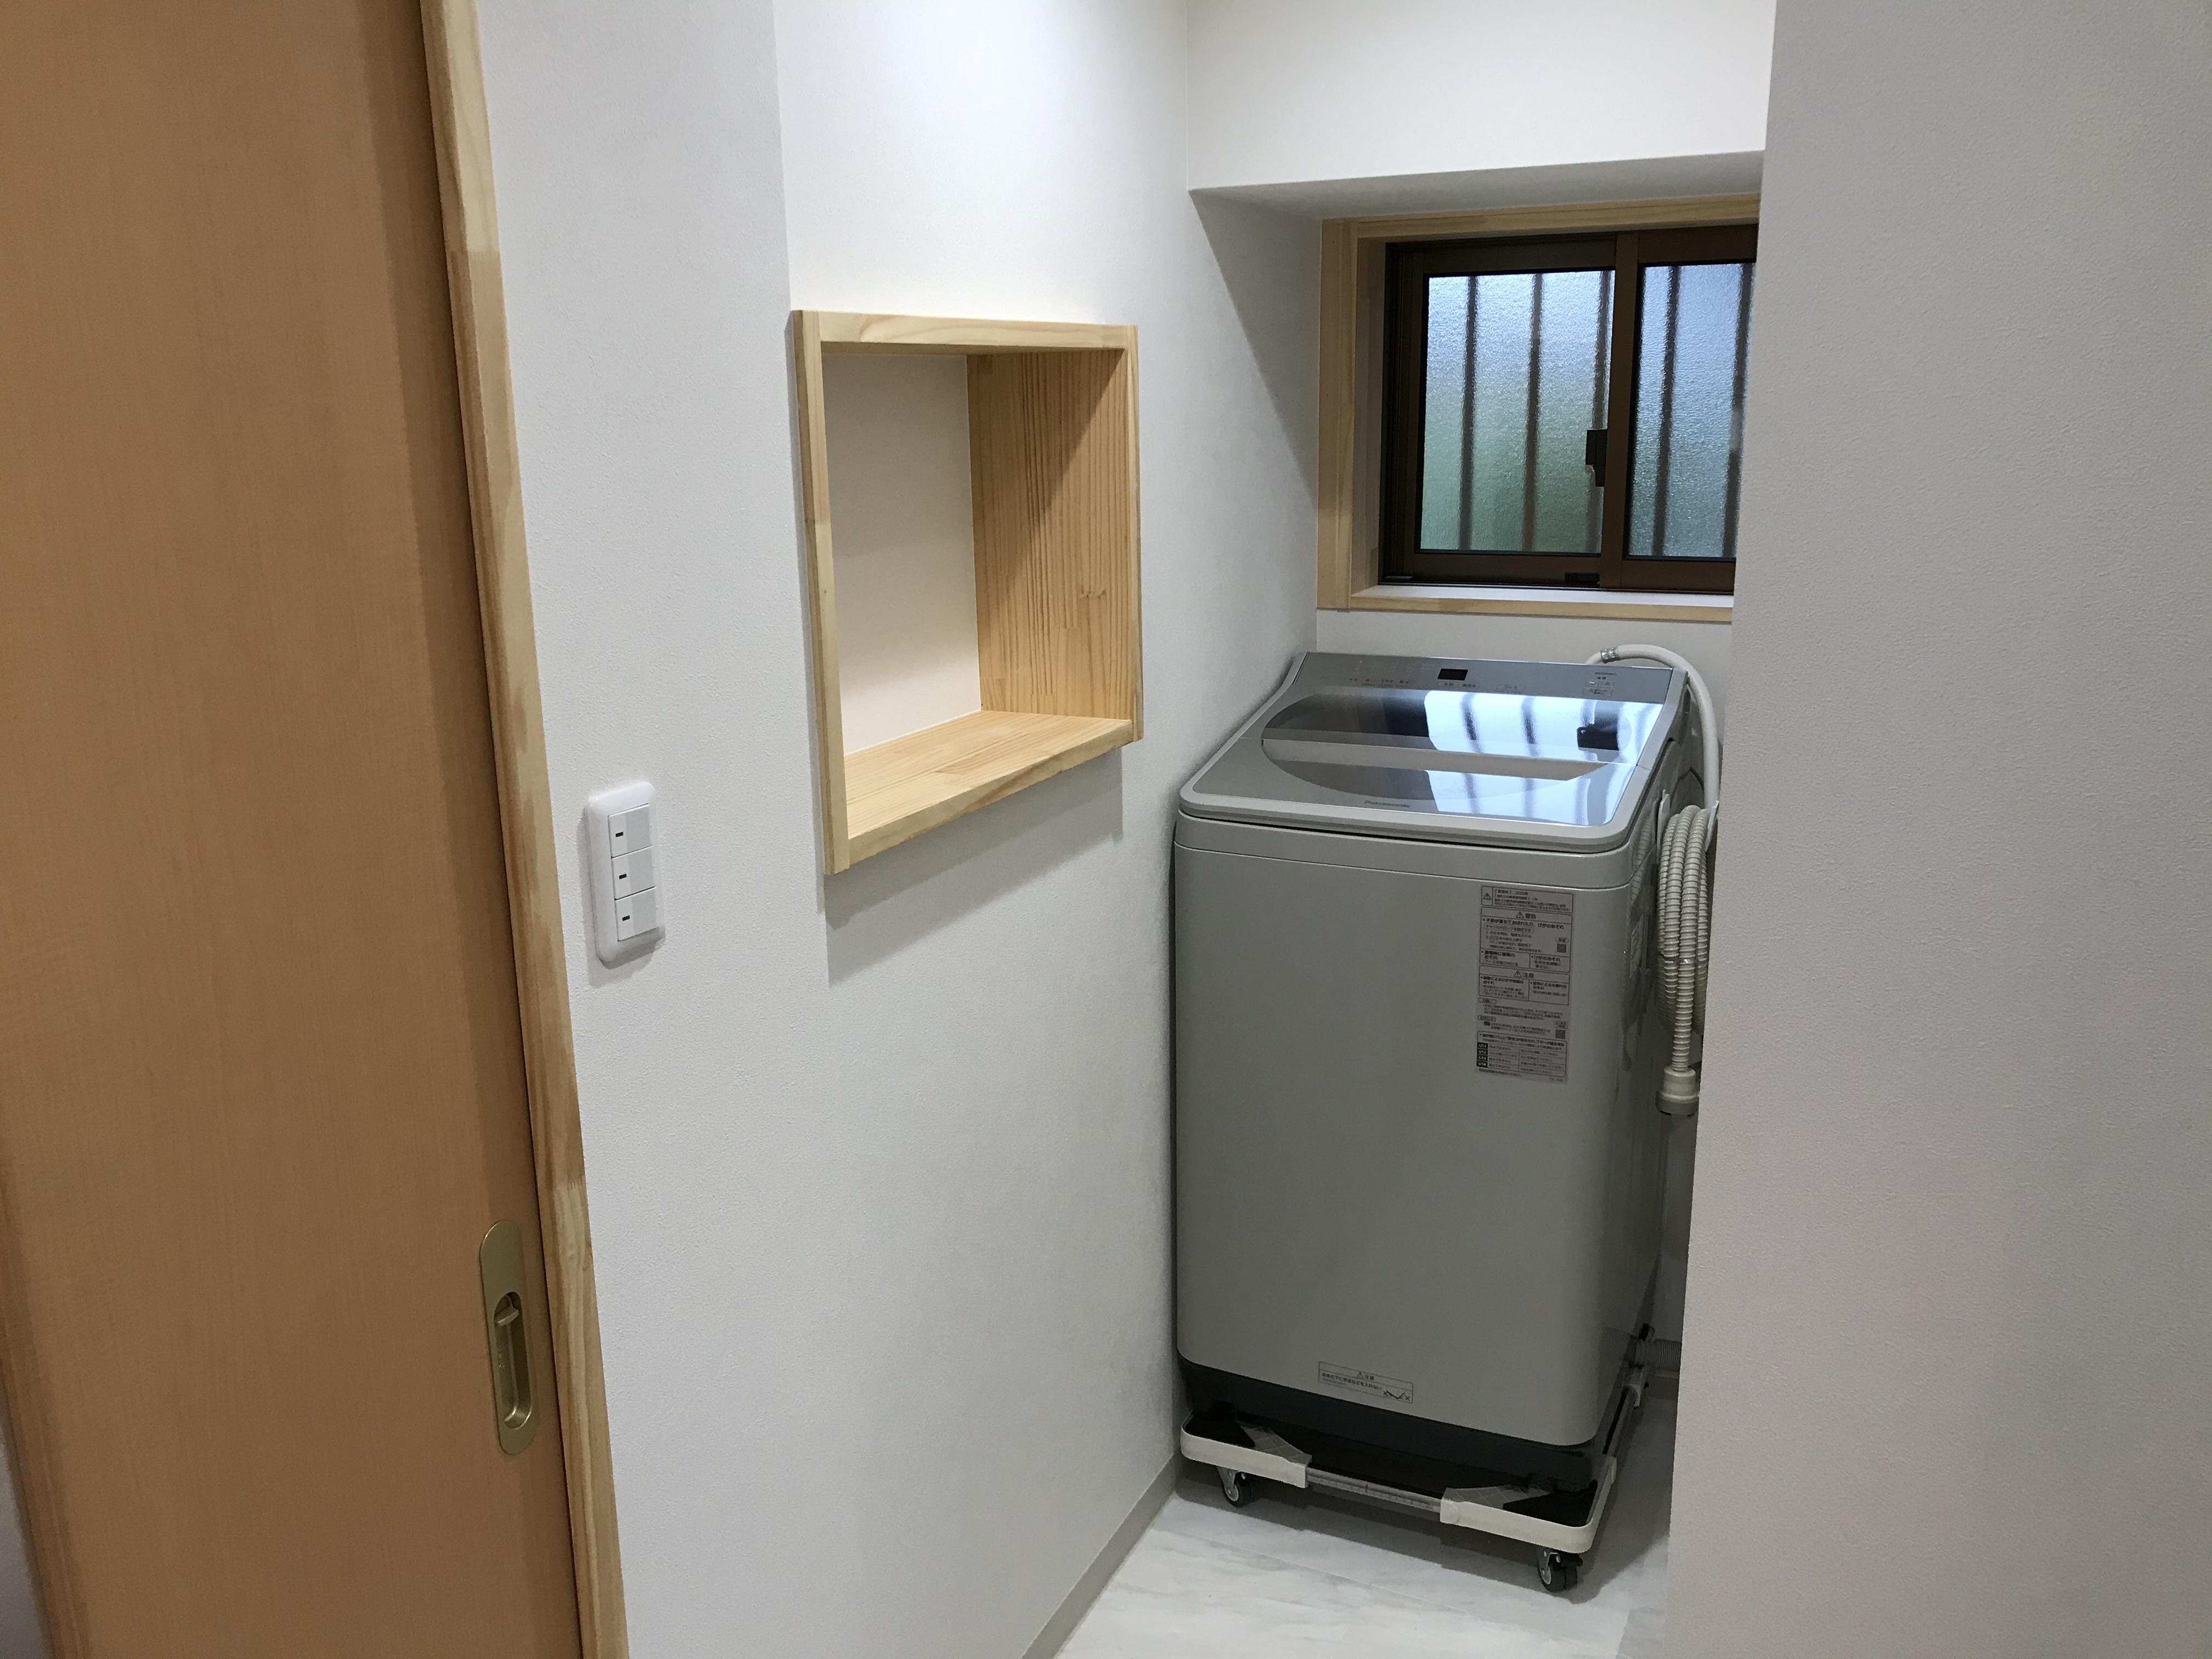 狭いスペースには、壁の厚みを有効活用したニッチを設け、洗剤や小物置きに